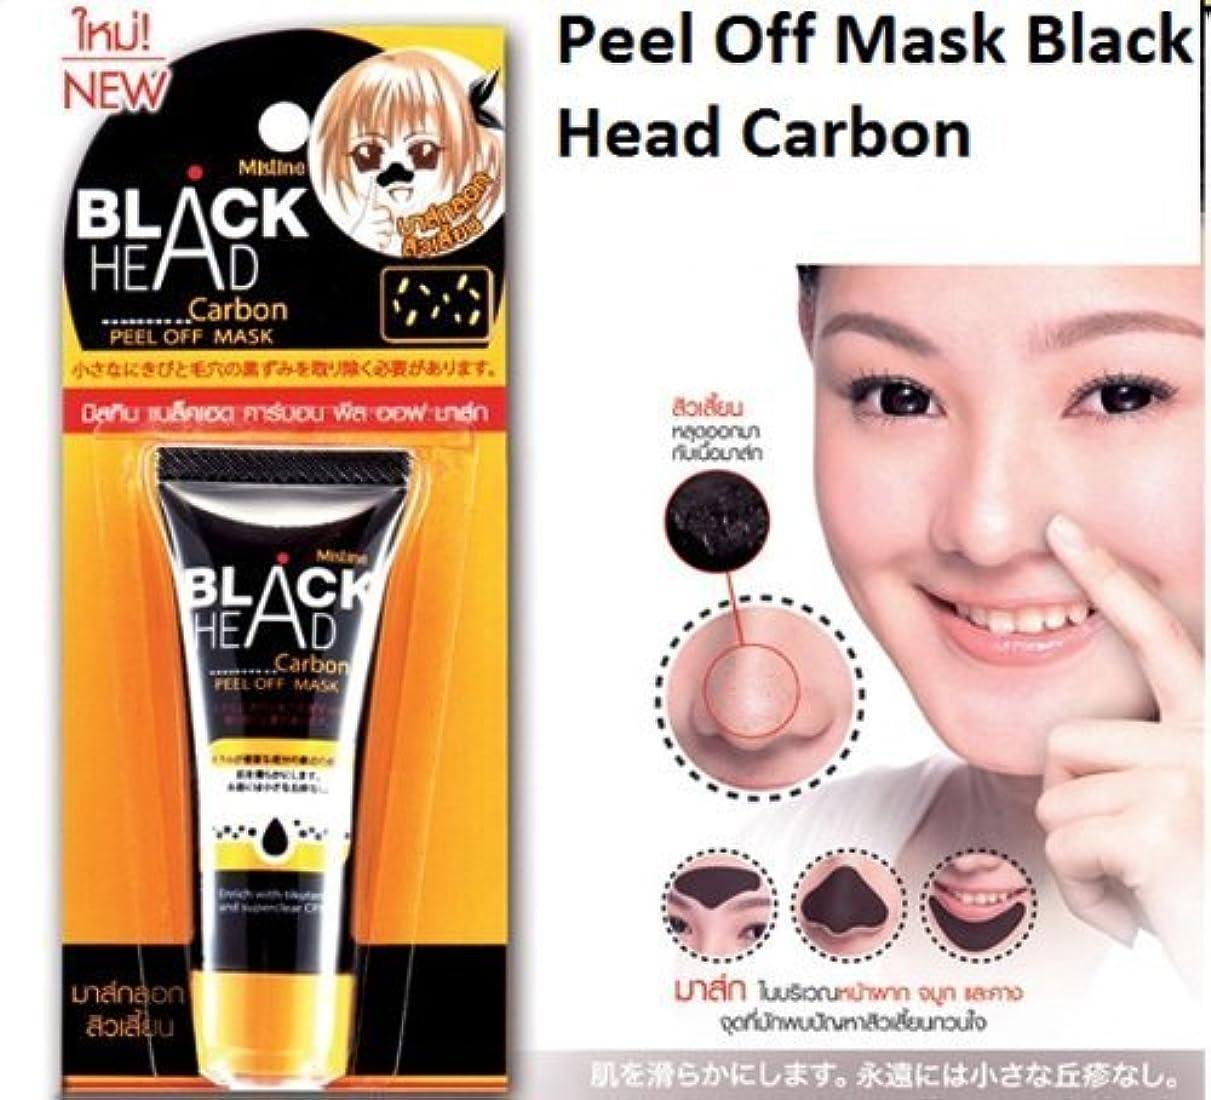 対応する省略する偽物Mistineブラックヘッドブラックヘッドカーボンピールオフフェイスマスク